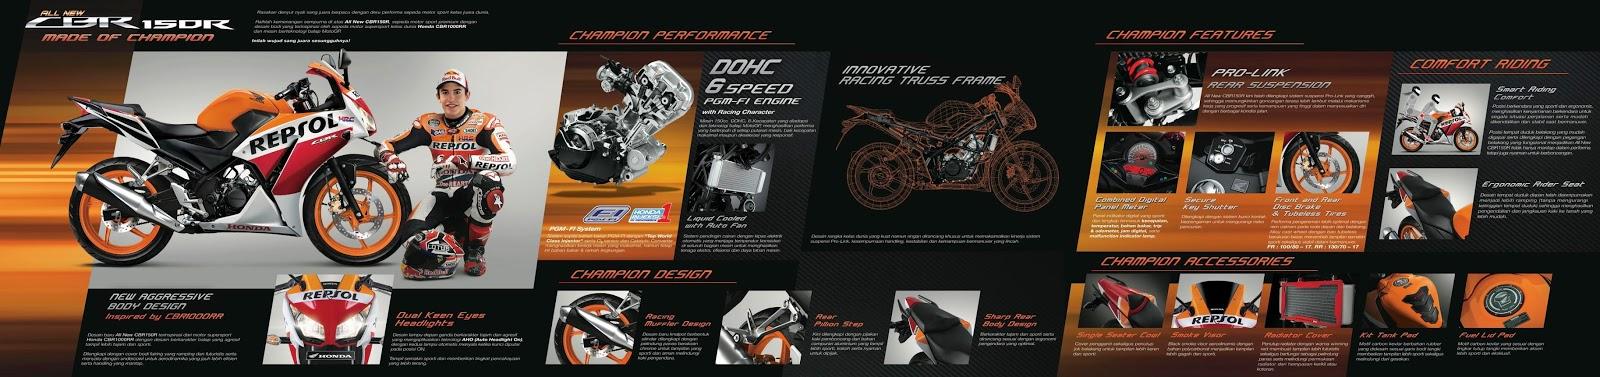 Harga Kredit Motor CBR 150 R 2014